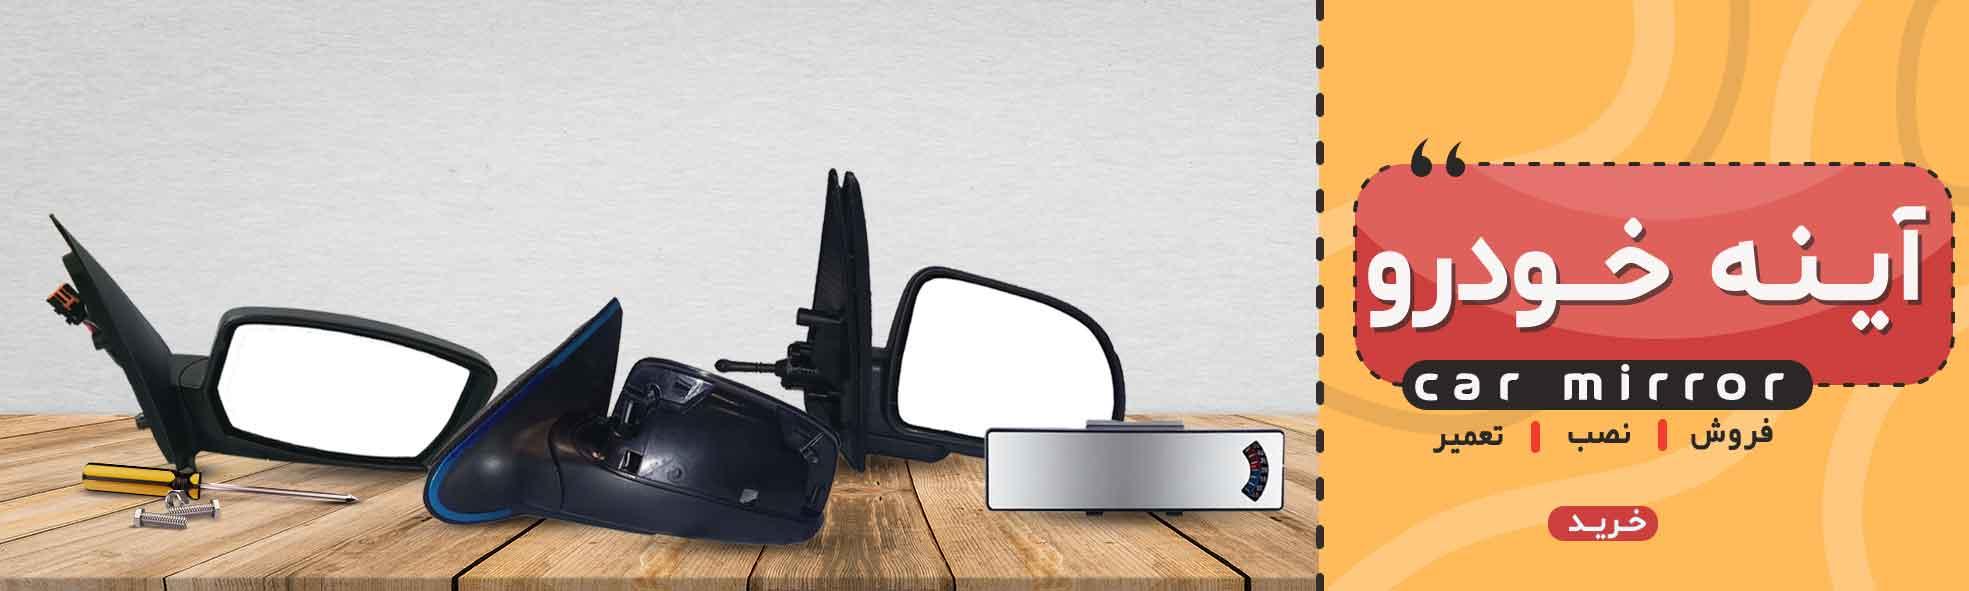 فروش ویژه انواع ماشین آینه بغل آینه وسط ماشین - فروشگاه اینترنتی ولاش